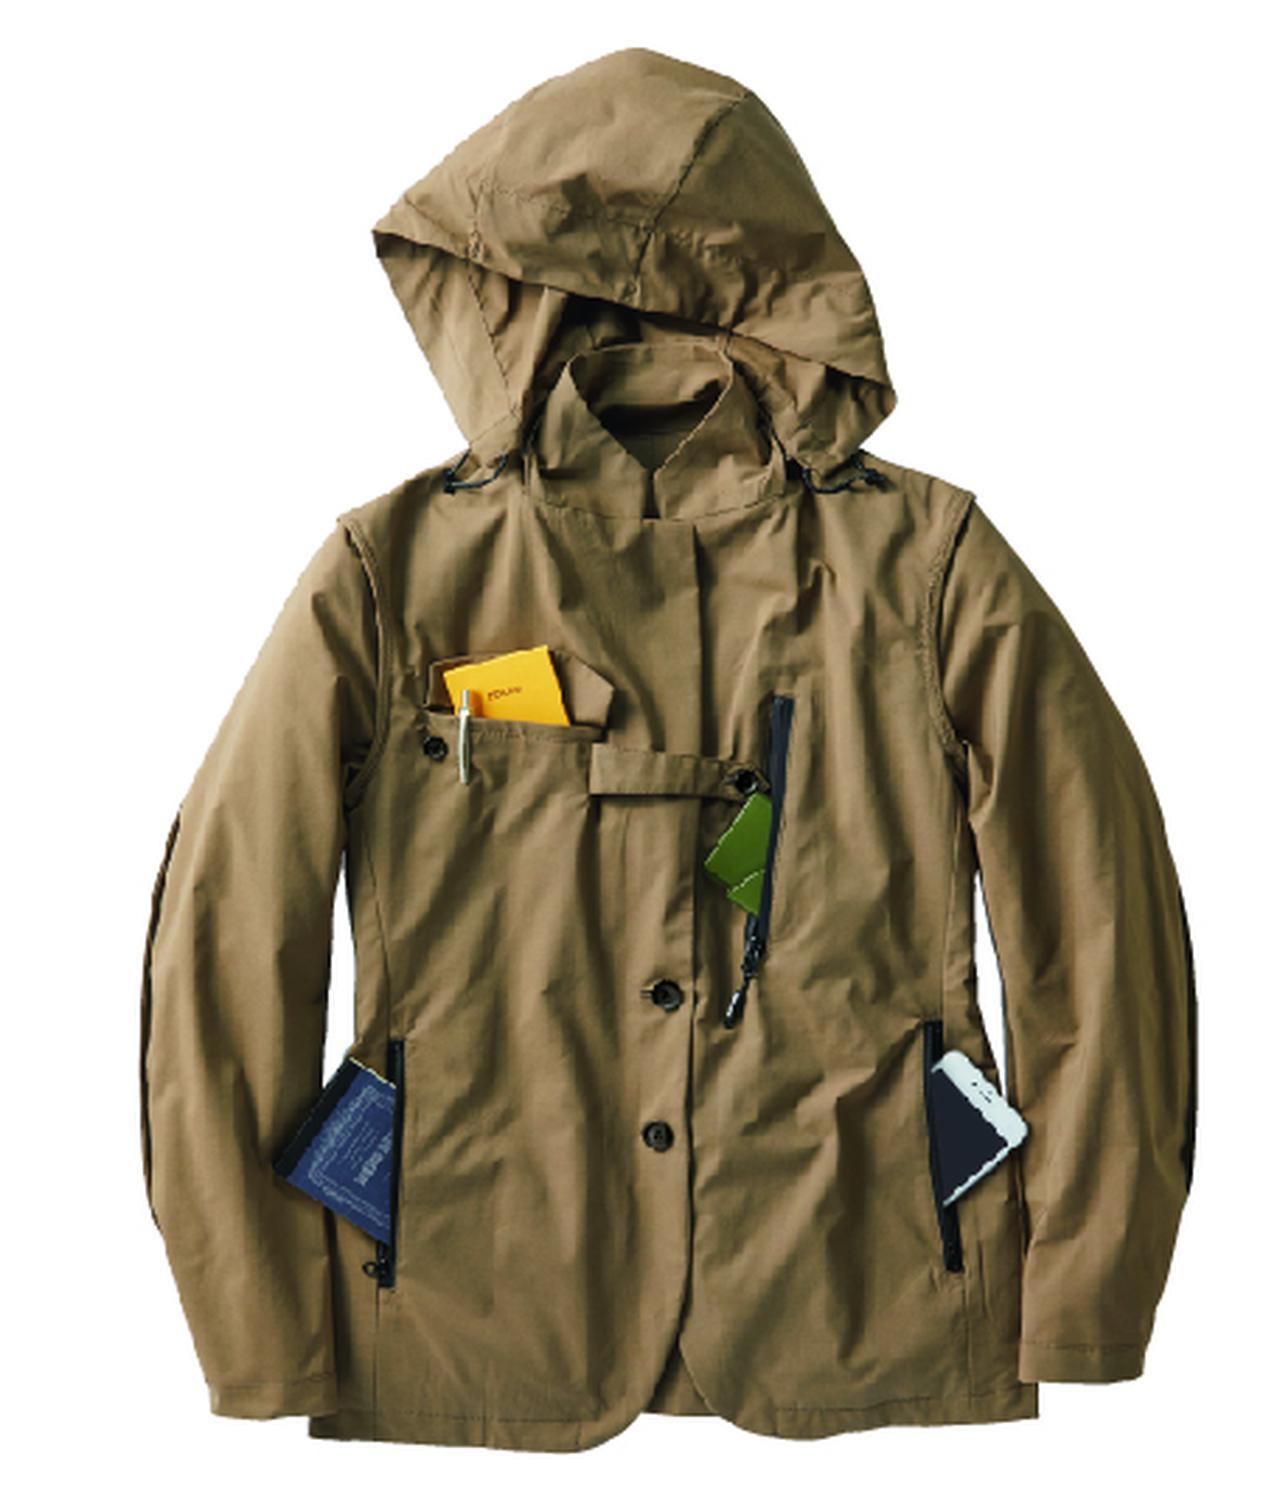 画像2: ワークマンが世界初の電熱ヒーター付スーツと蓄熱ビジネスコート新発売!ウィメンズもあります